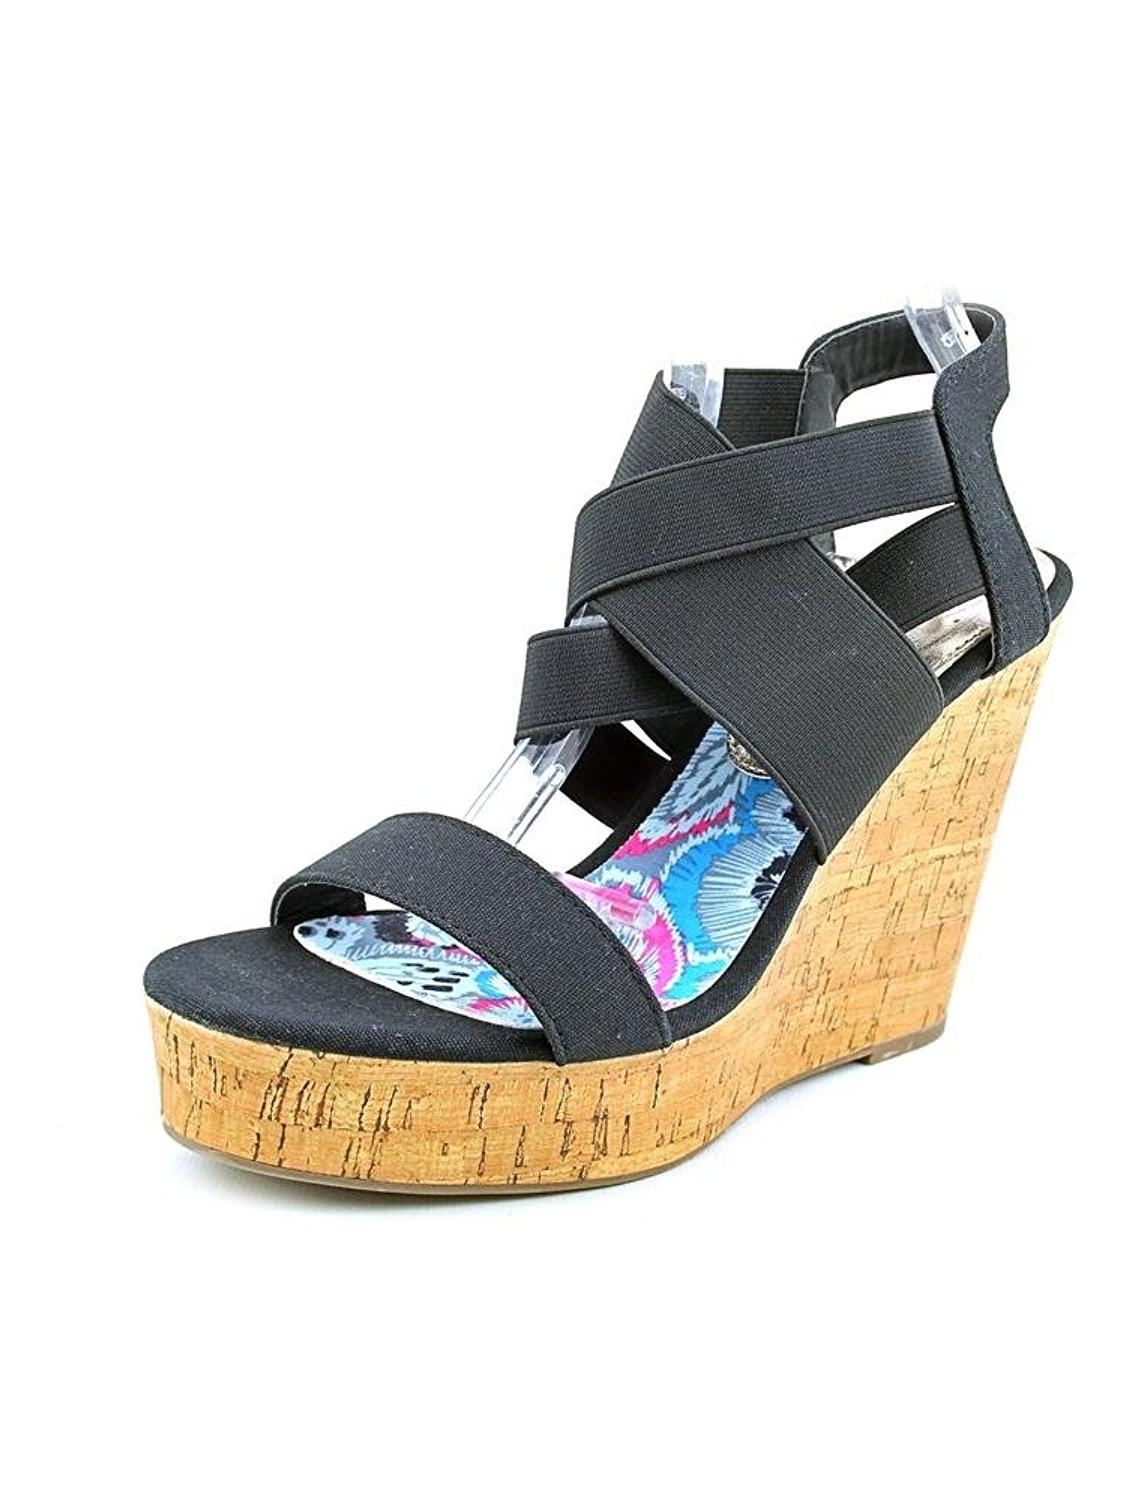 Madden Girl Women S Cactuss Boots: Madden Girl Women Eastt Wedge Sandals